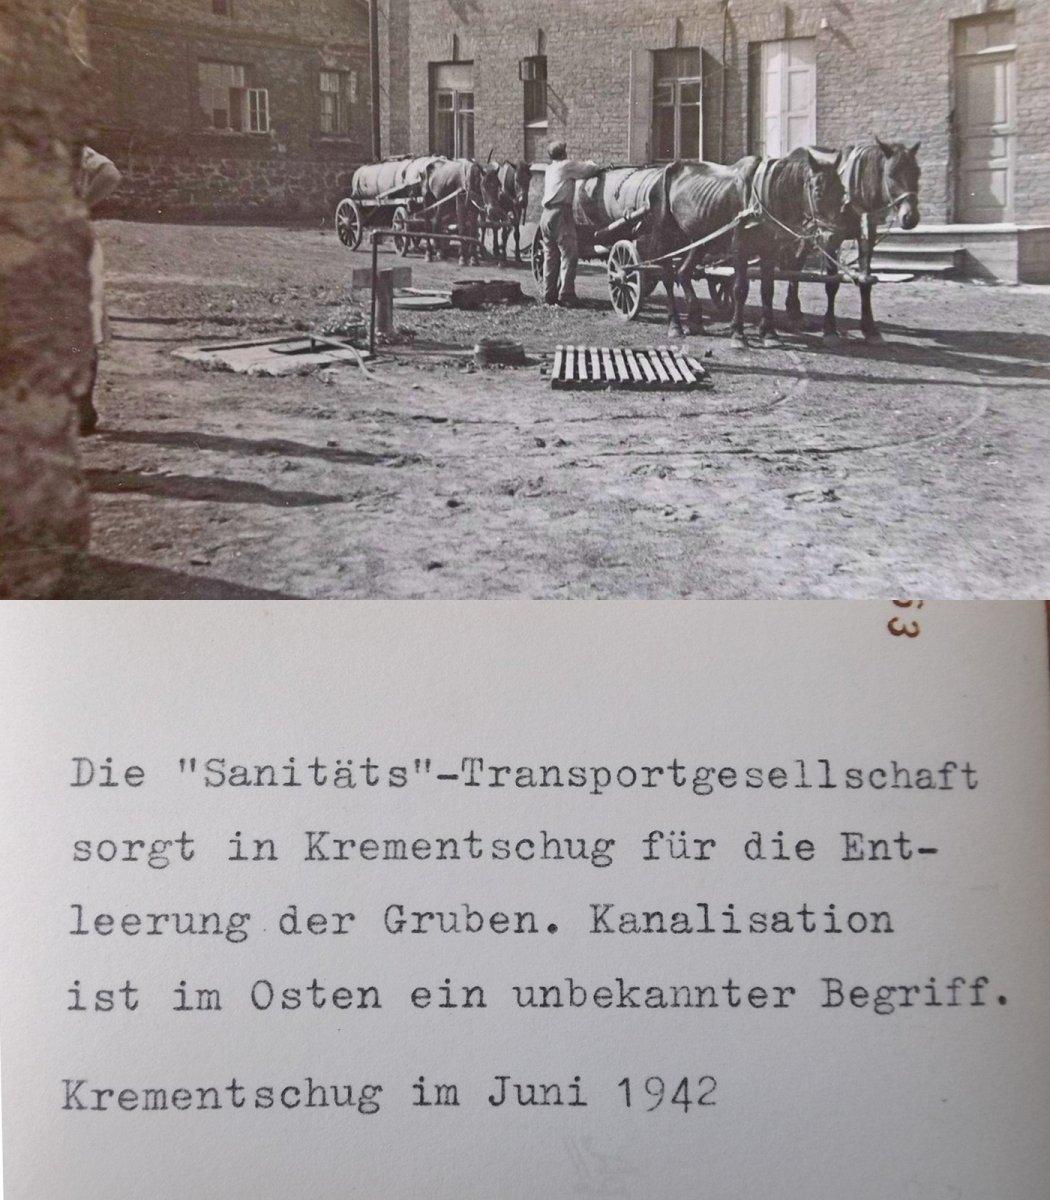 Кременчуг Ассенизационный обоз 1942 г. page.jpg